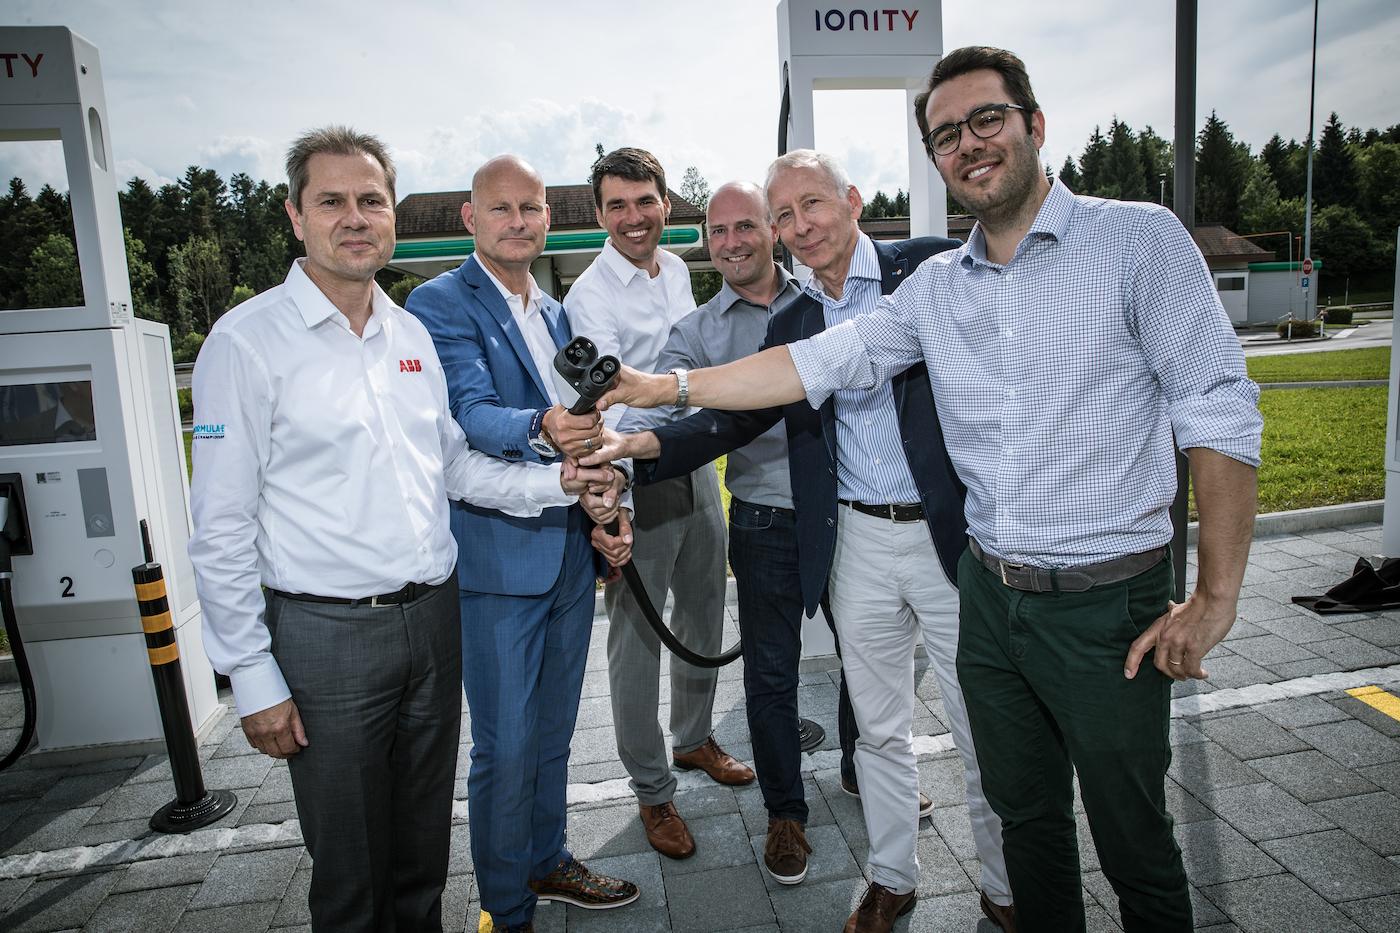 Remo Lütolf (CEO ABB Schweiz), Markus Brokhof (Geschäftsleitungsmitglied Alpiq), Marcel Mayer (stellvertretender Geschäftsführer Alpiq E-Mobility), Thomas Lohmann (Geschäftsleitung Luzerner Raststätte), Franz Wüest (Verwaltungsratspräsident Luzerner Raststätte) und Christian Zeh (Head of DACH & CEE Ionity, von links nach rechts). (Philippe Rossier)